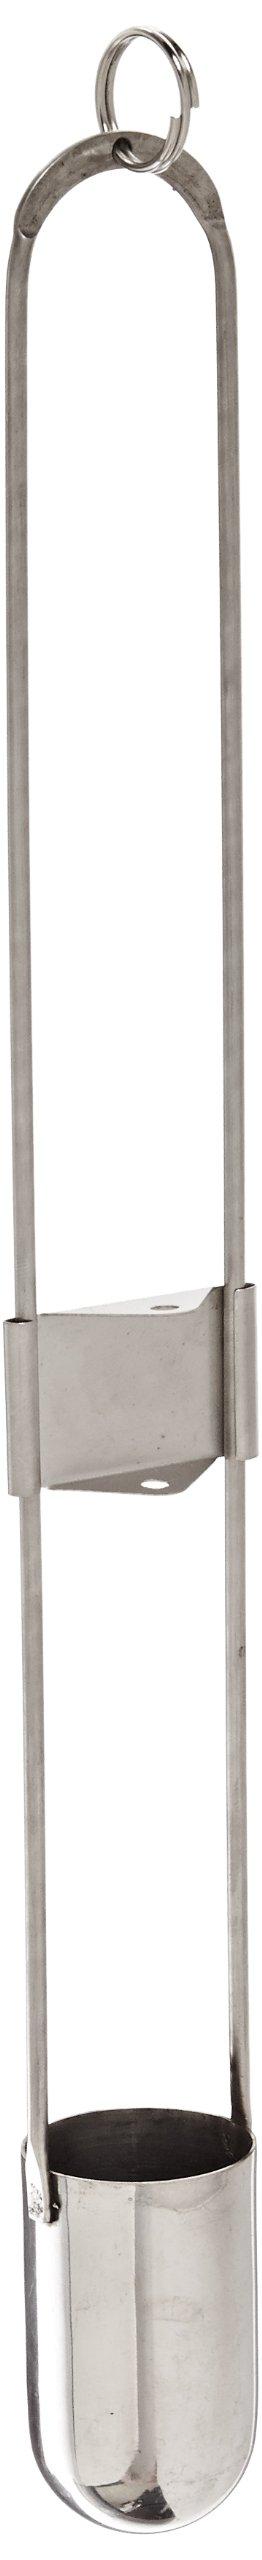 Boekel 27134002 Zahn Cup Viscometer, #2 Cup, 44ml Cup Volume by Boekel Industries